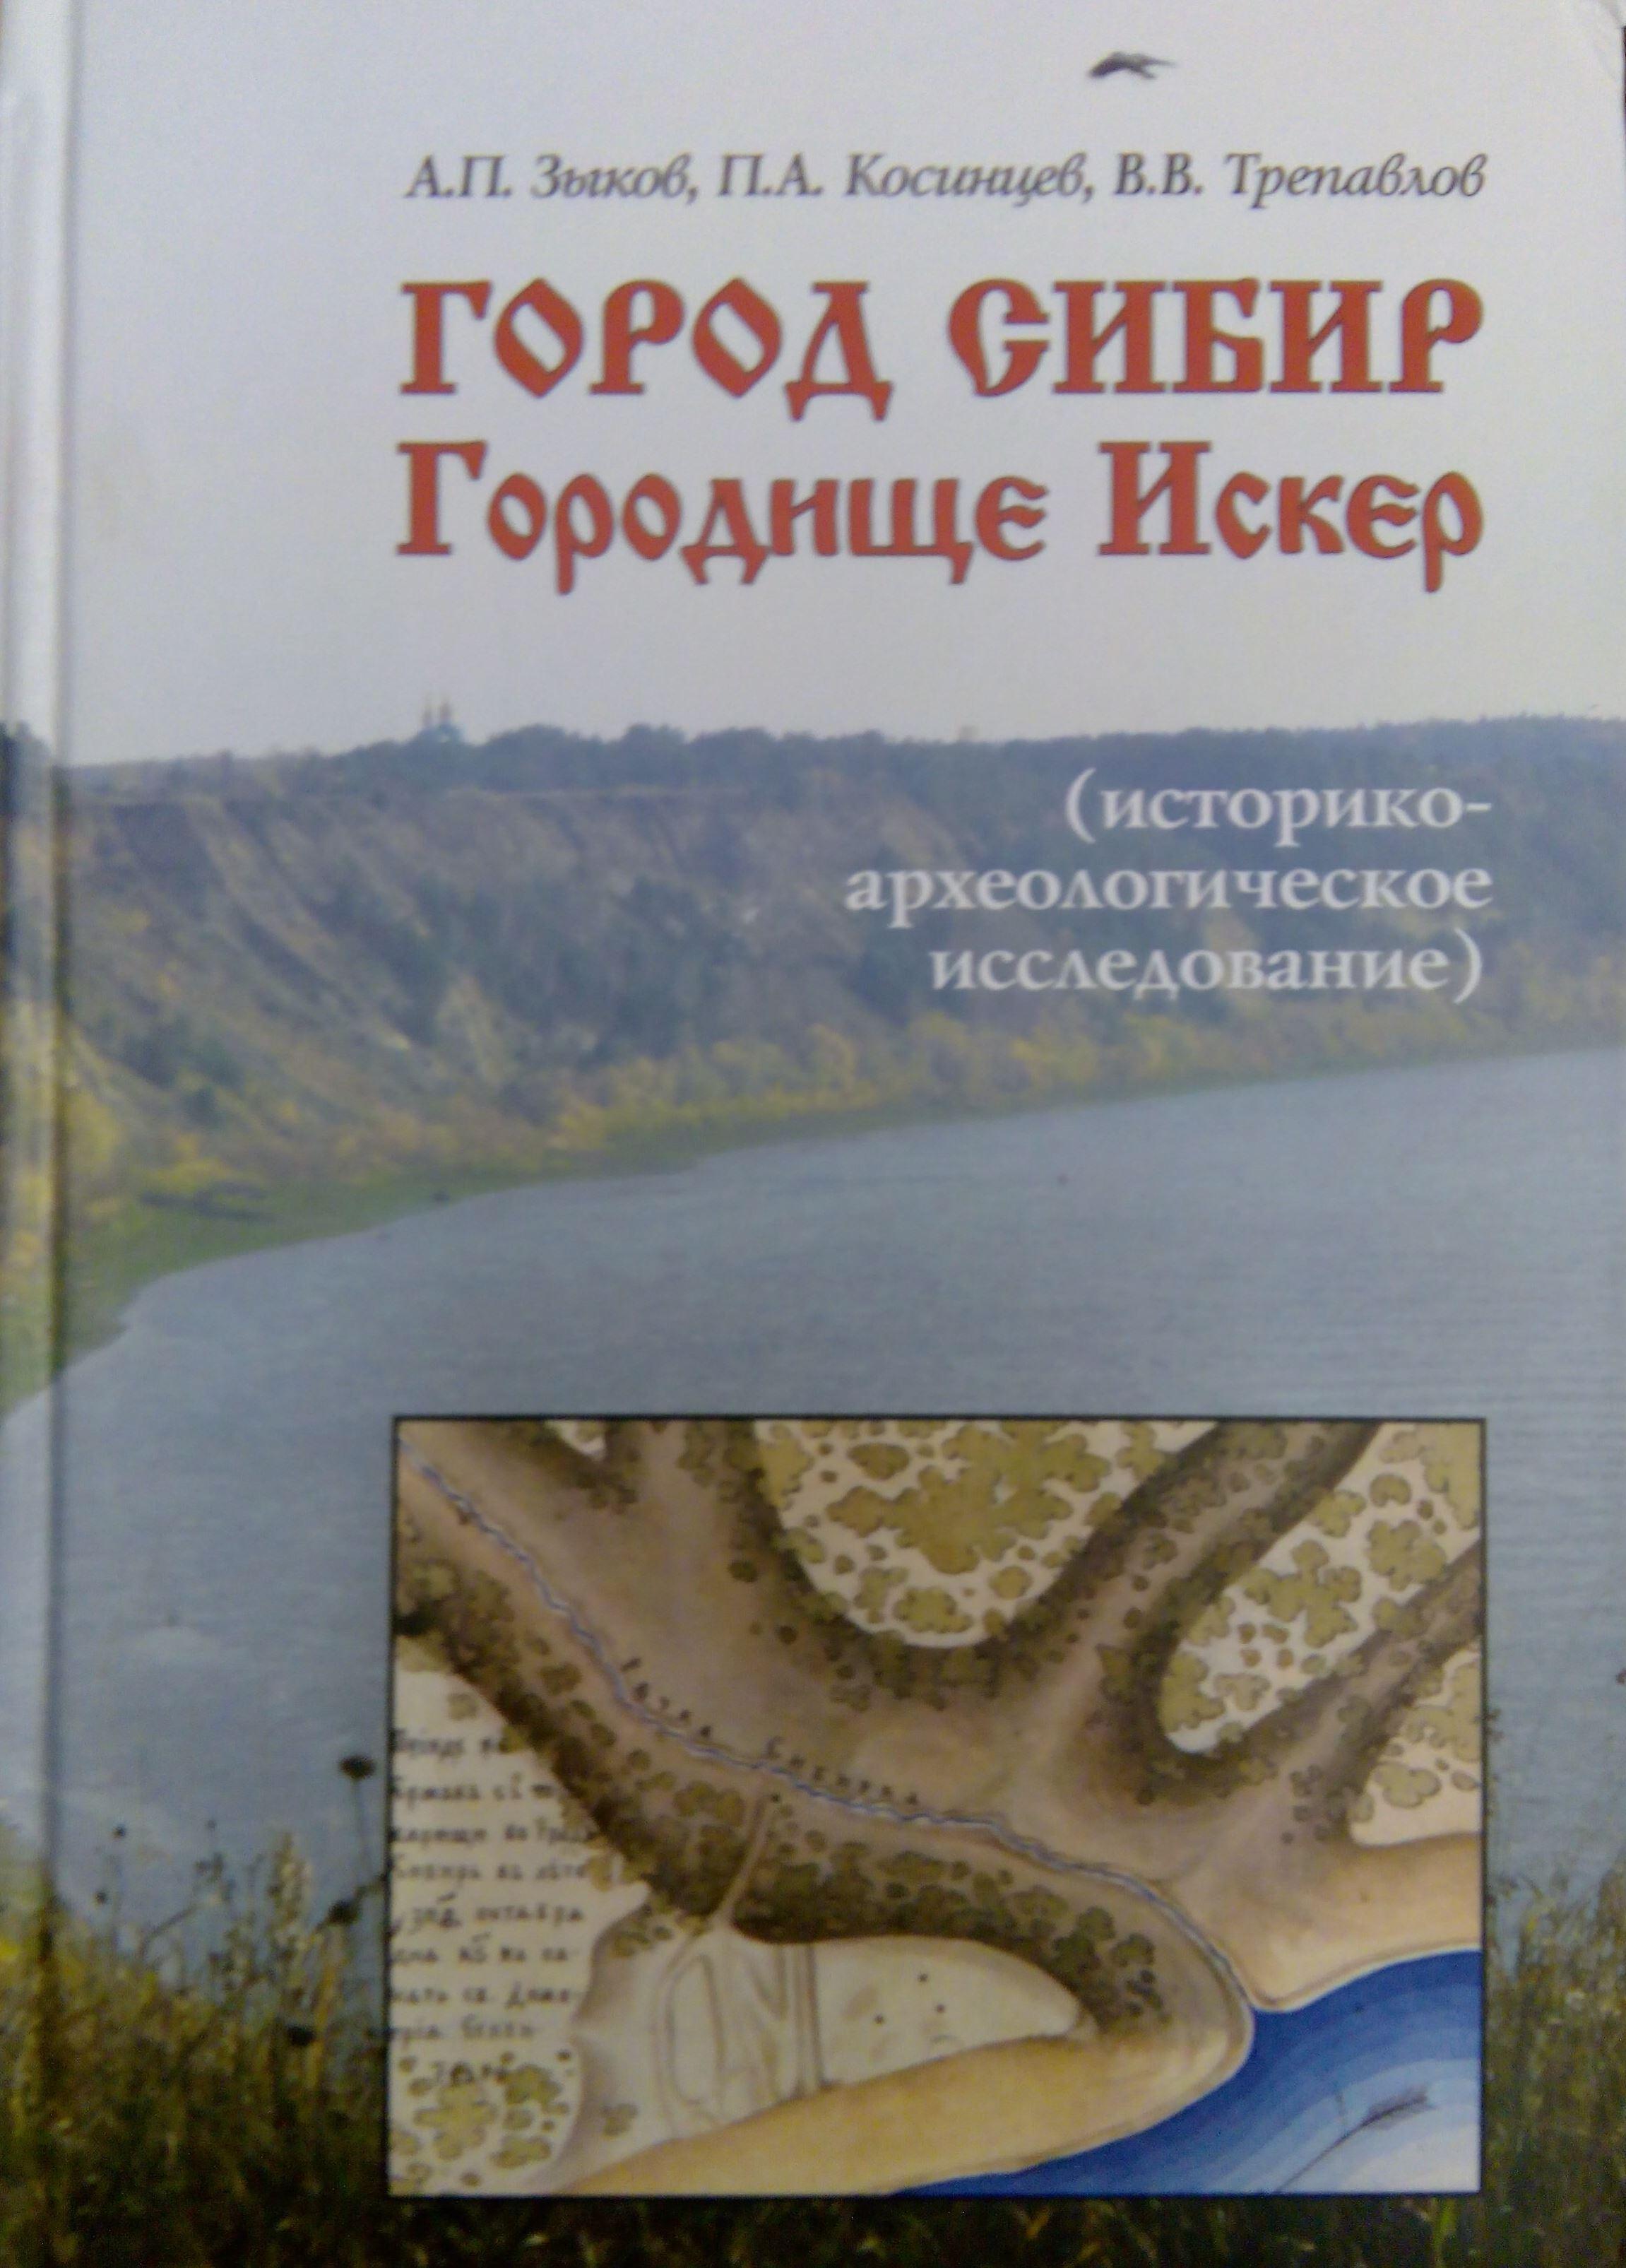 Все тайны Искера историки раскрыли в новой книге